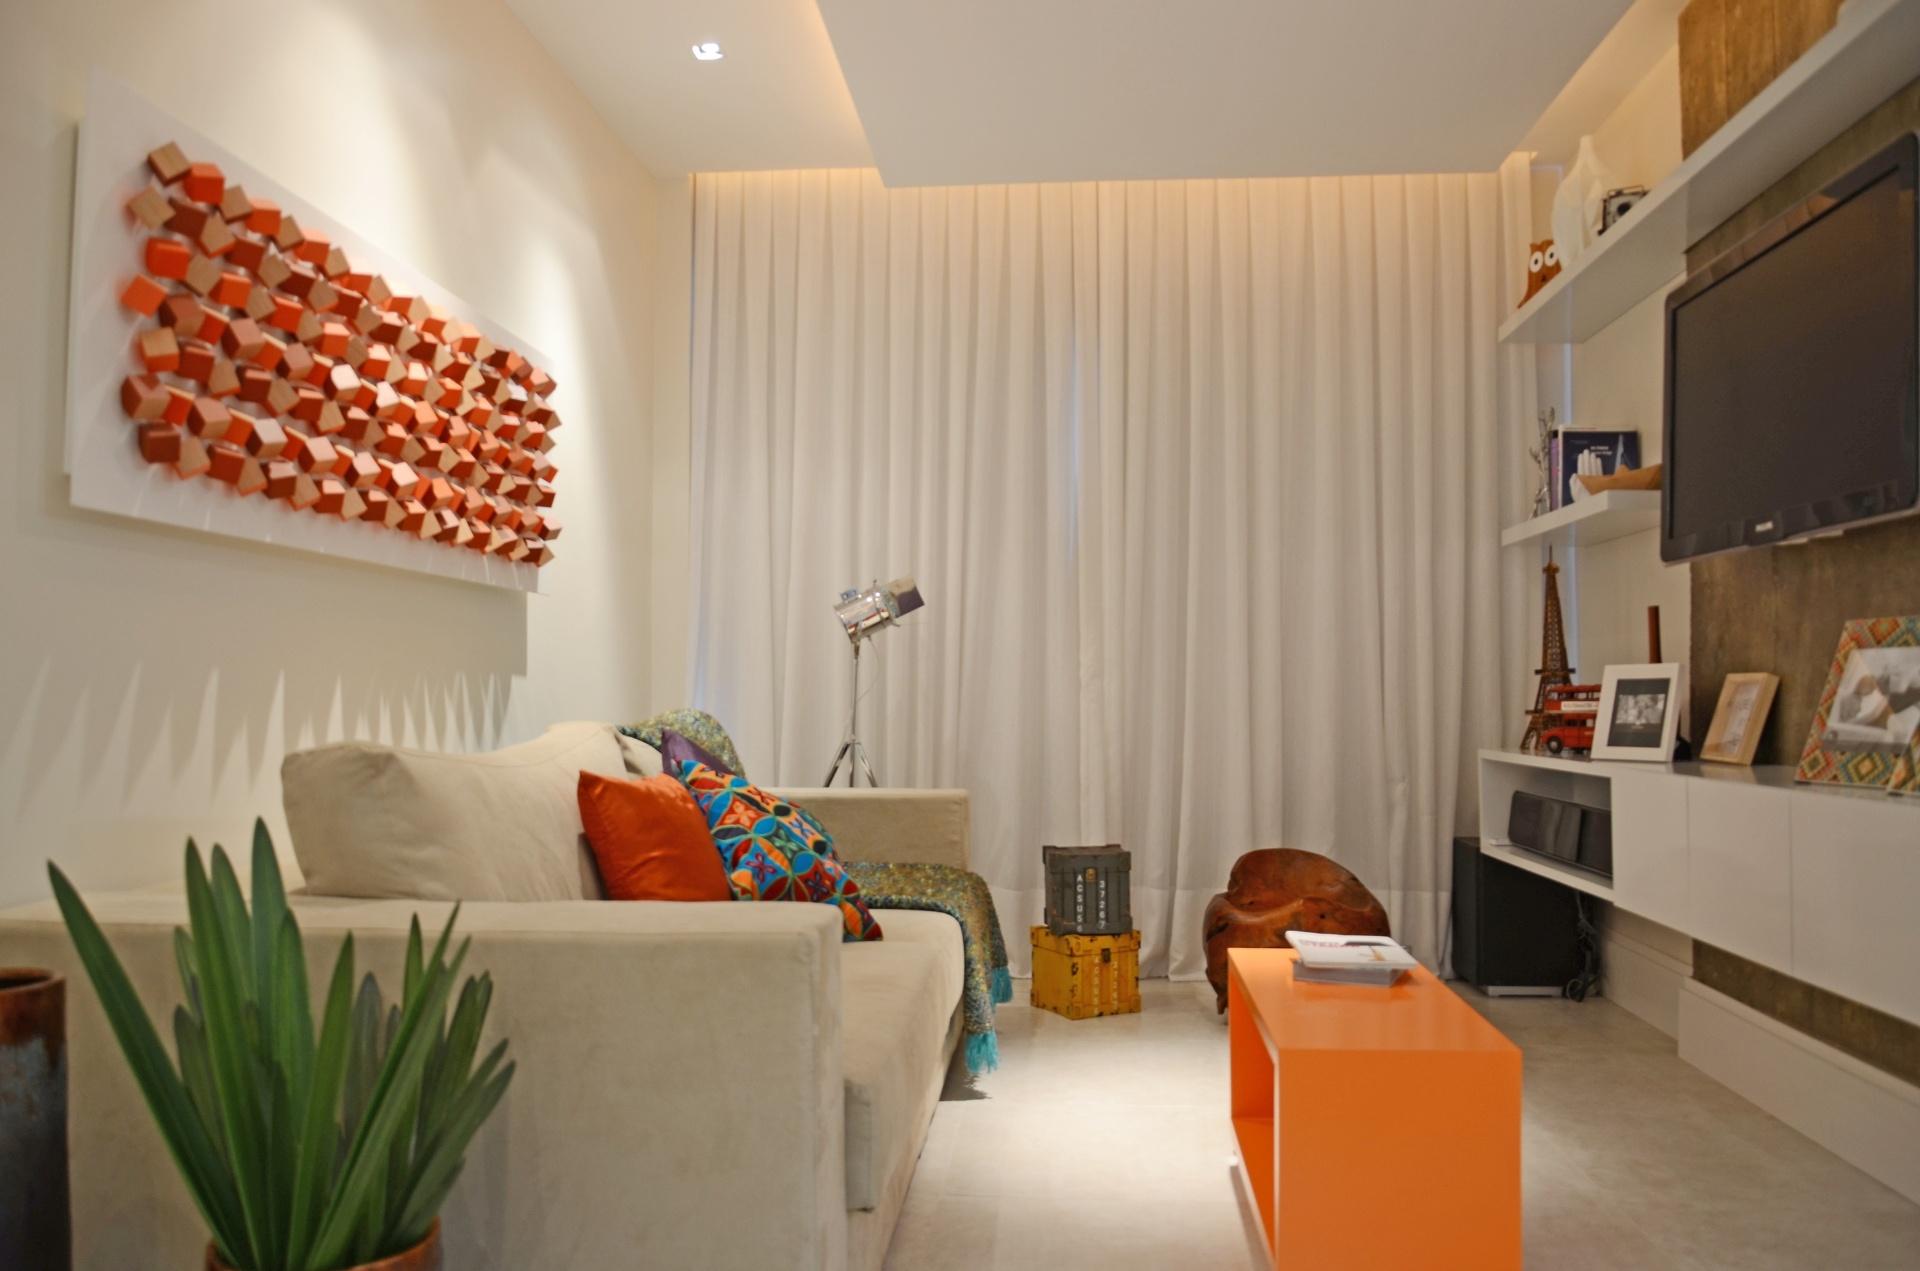 No home theater, a superfície de fundo em relação à TV é um pilar estrutural de concreto